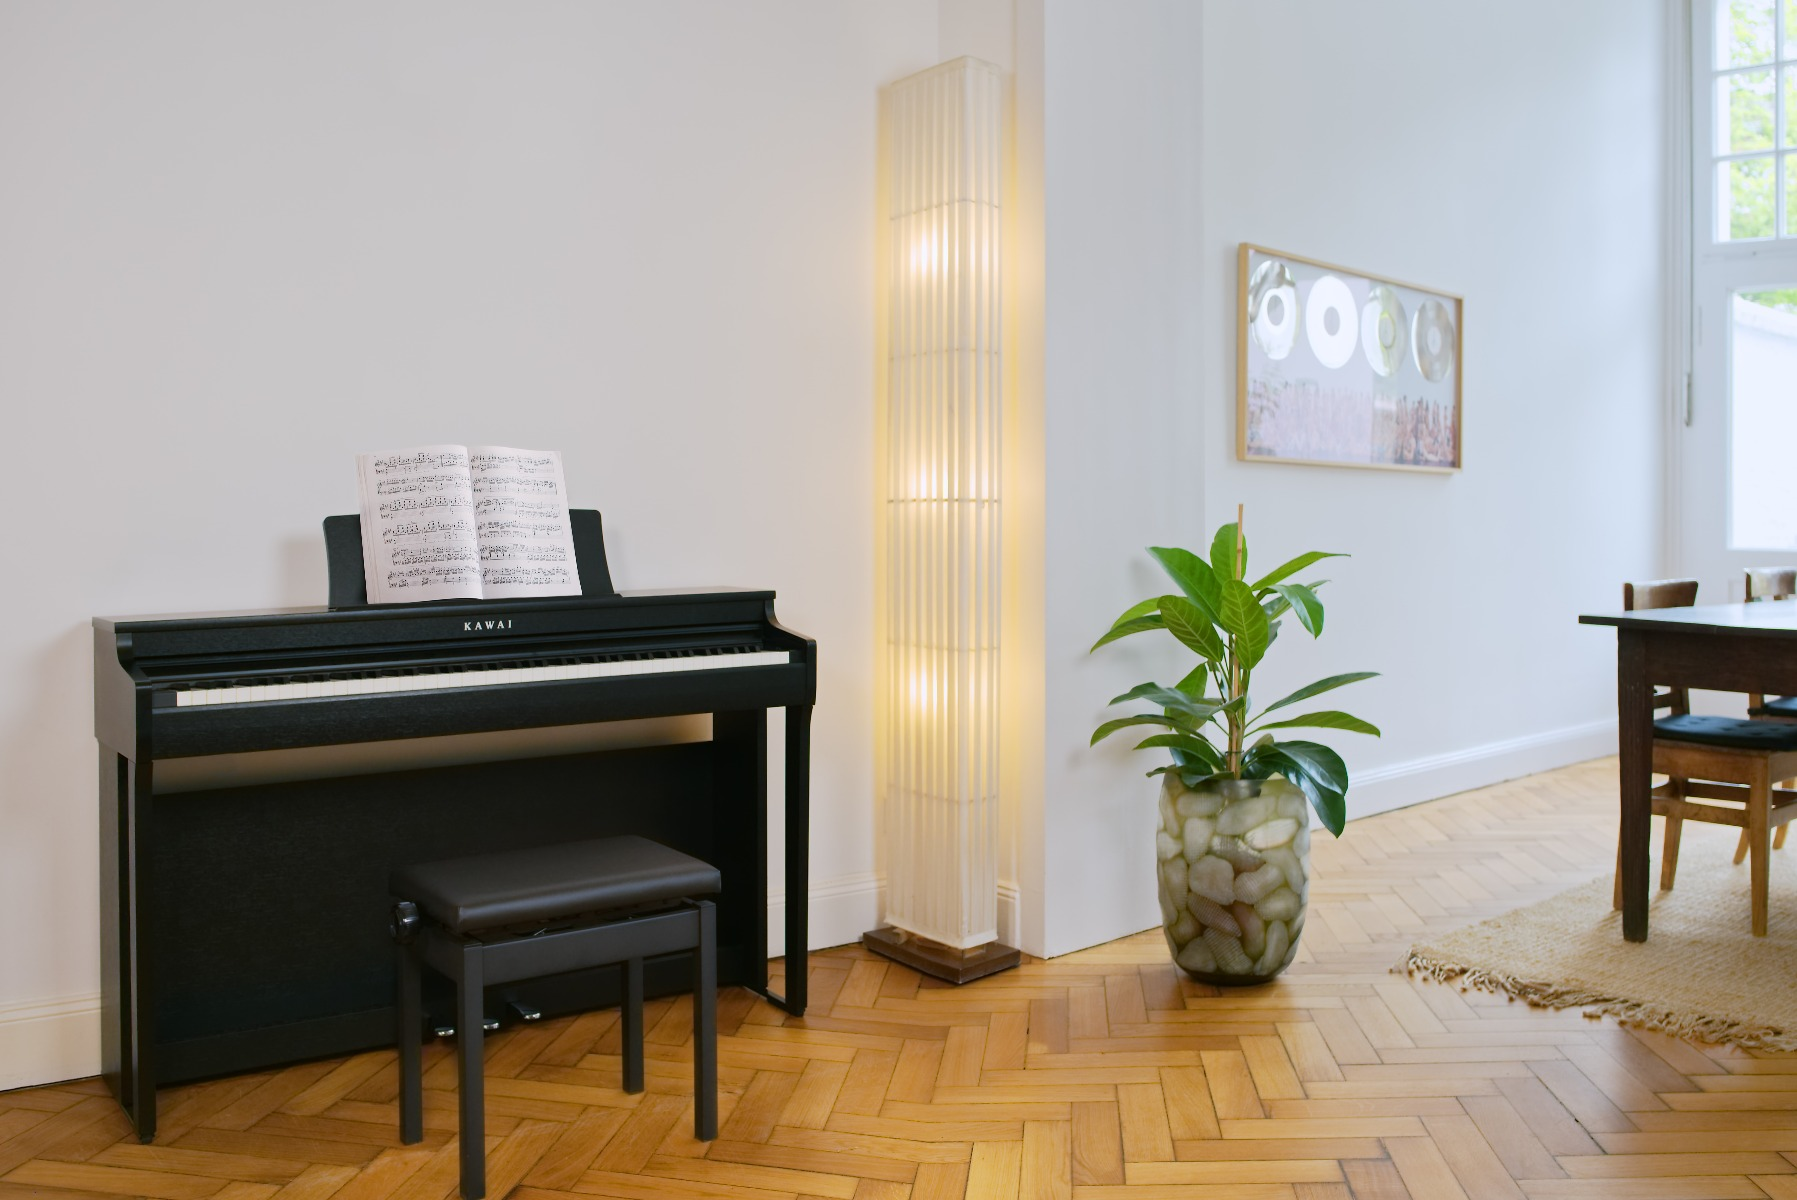 پیانو دیجیتال کاوایی cn29